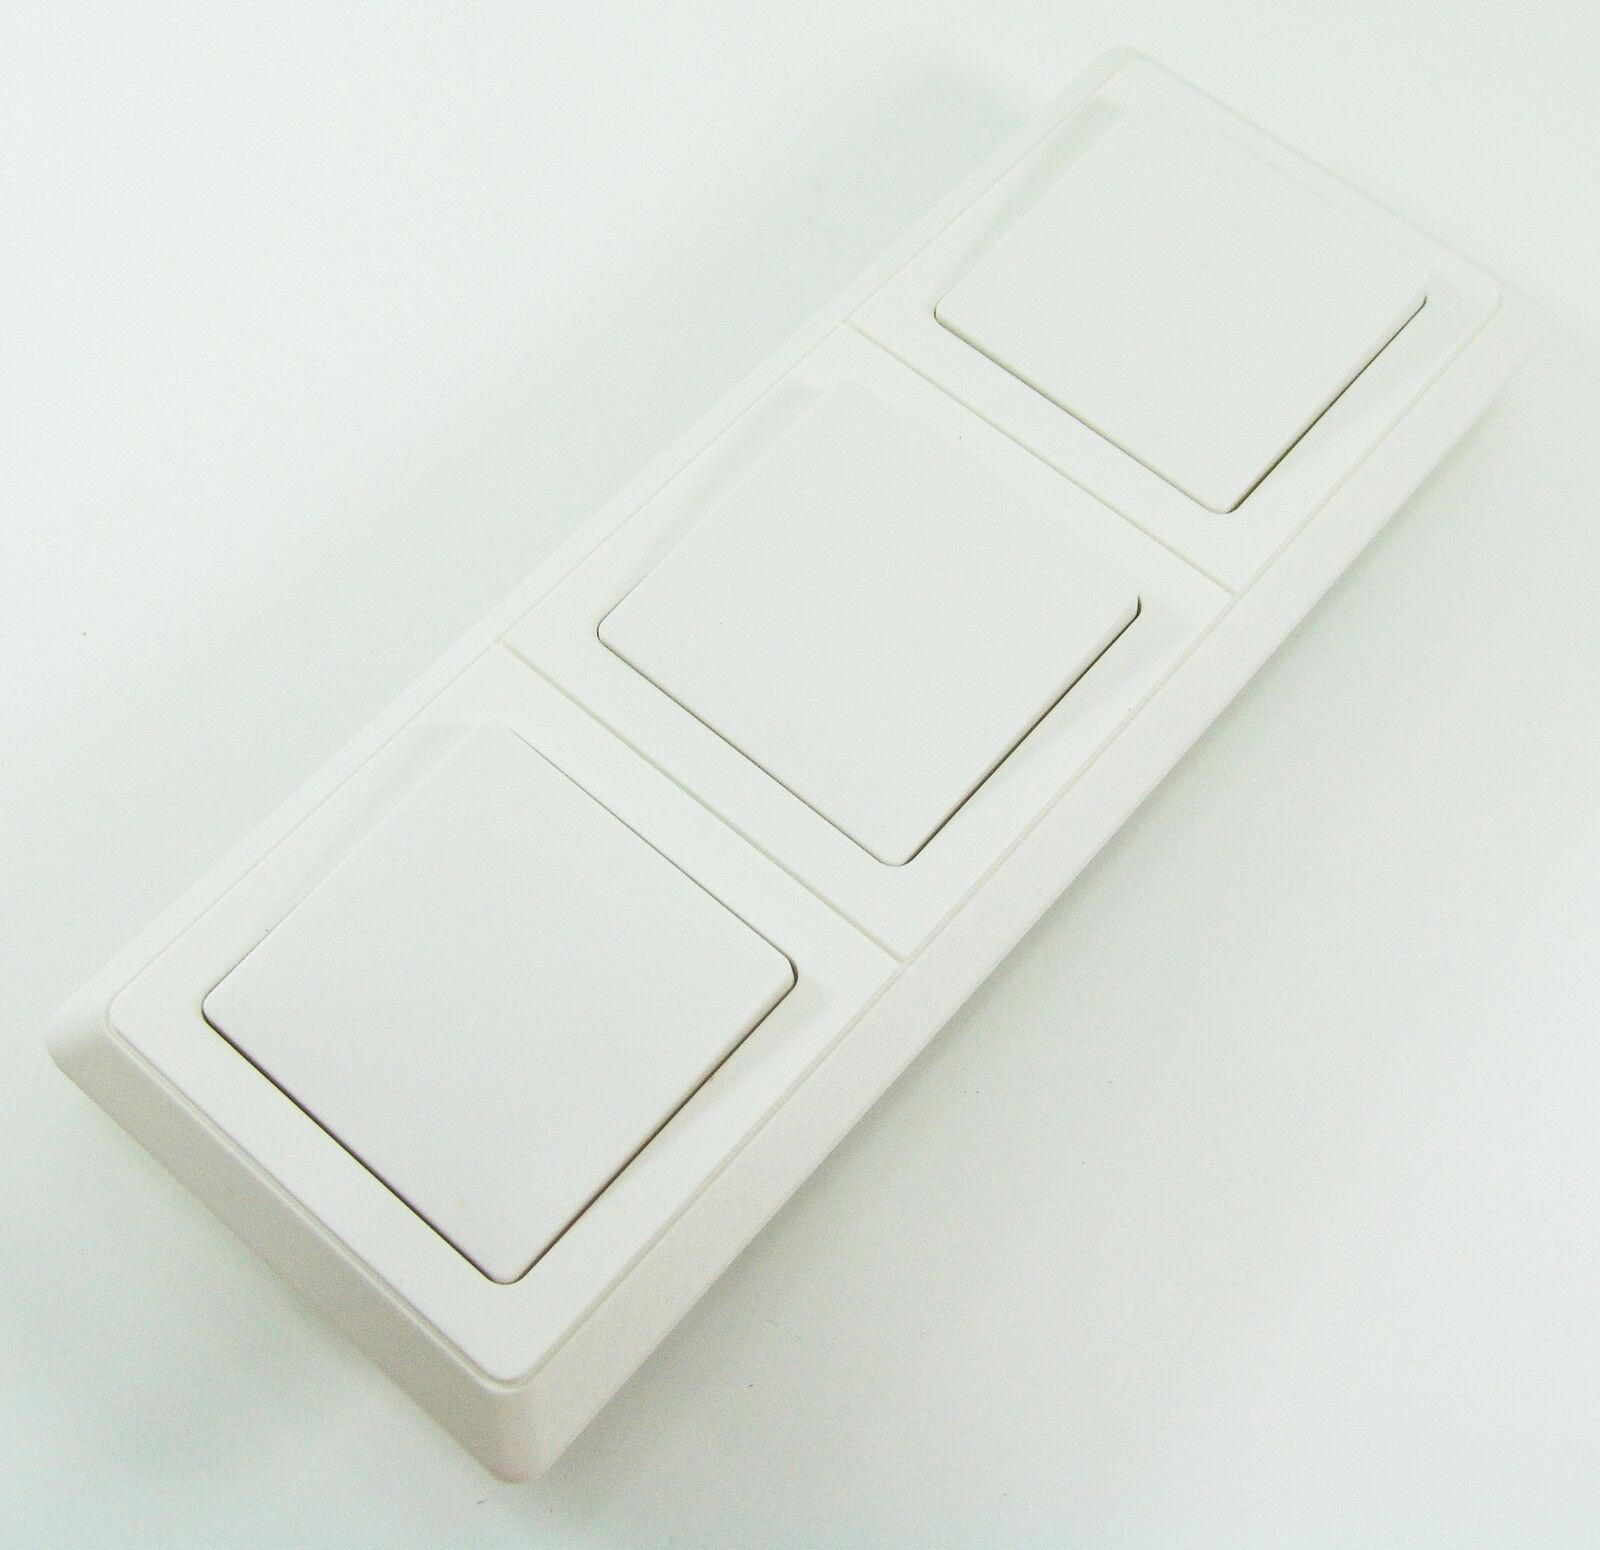 REV Düwi PrimaLuxe Weiß Lichtschalter Schalter Wechselschalter + 3er Rahmen